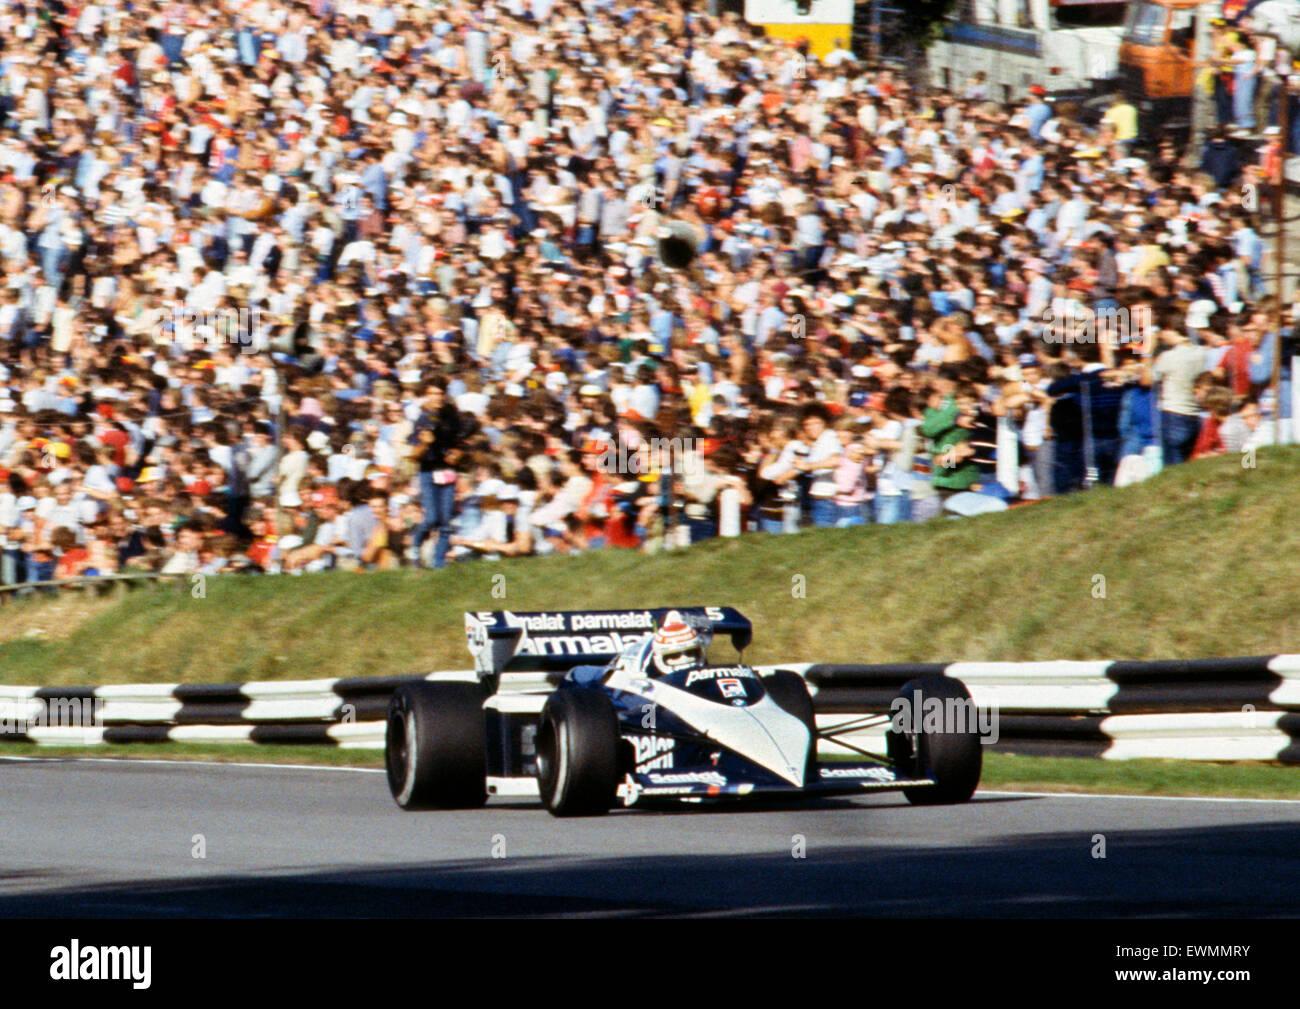 Brabham BT52, Nelson Piquet. 1983-GP von Europa-Marken Luke, 25.09.1983. Stockbild